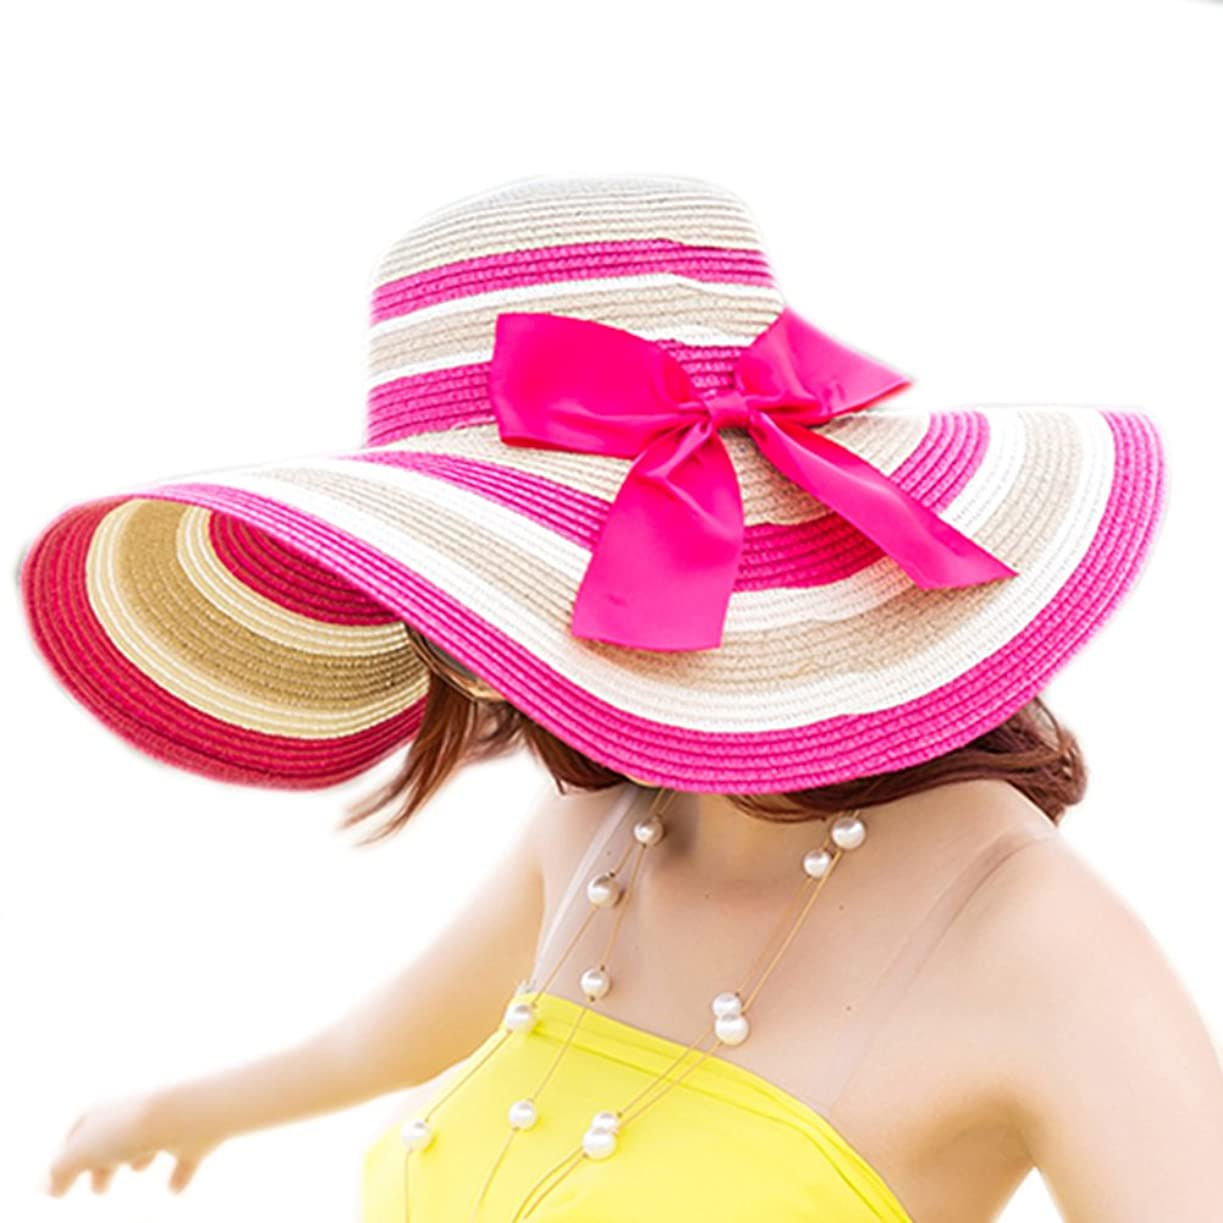 更新ブレス位置づける日焼け止めUV保護レディース夏Straw Sunキャップ折りたたみ式ビーチハットWide Brimキャップ